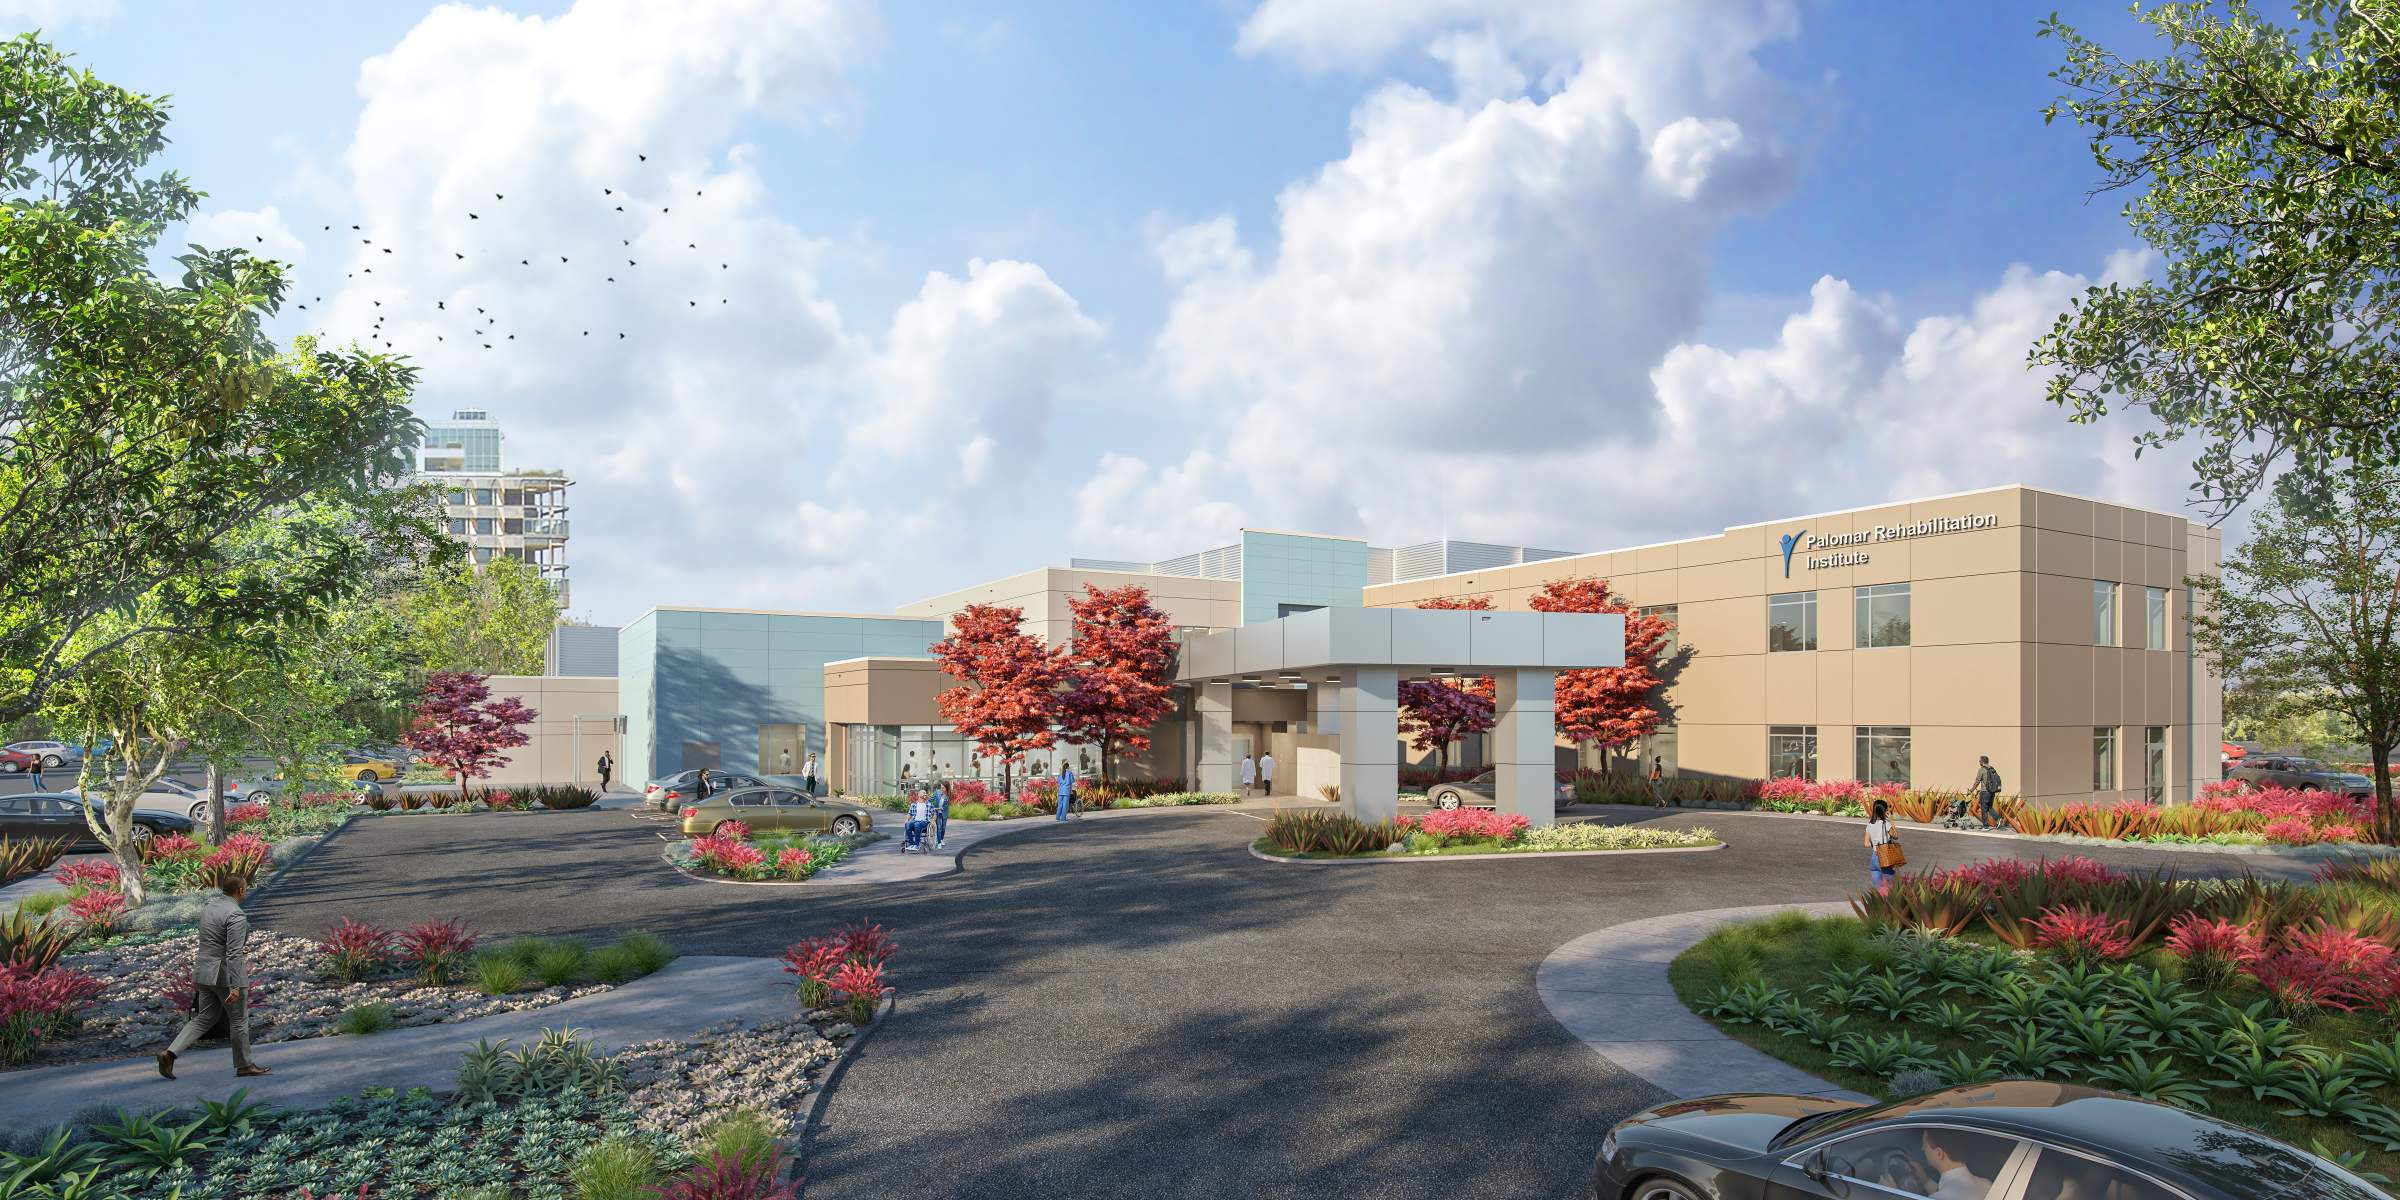 Palomar Rehabilitation Institute